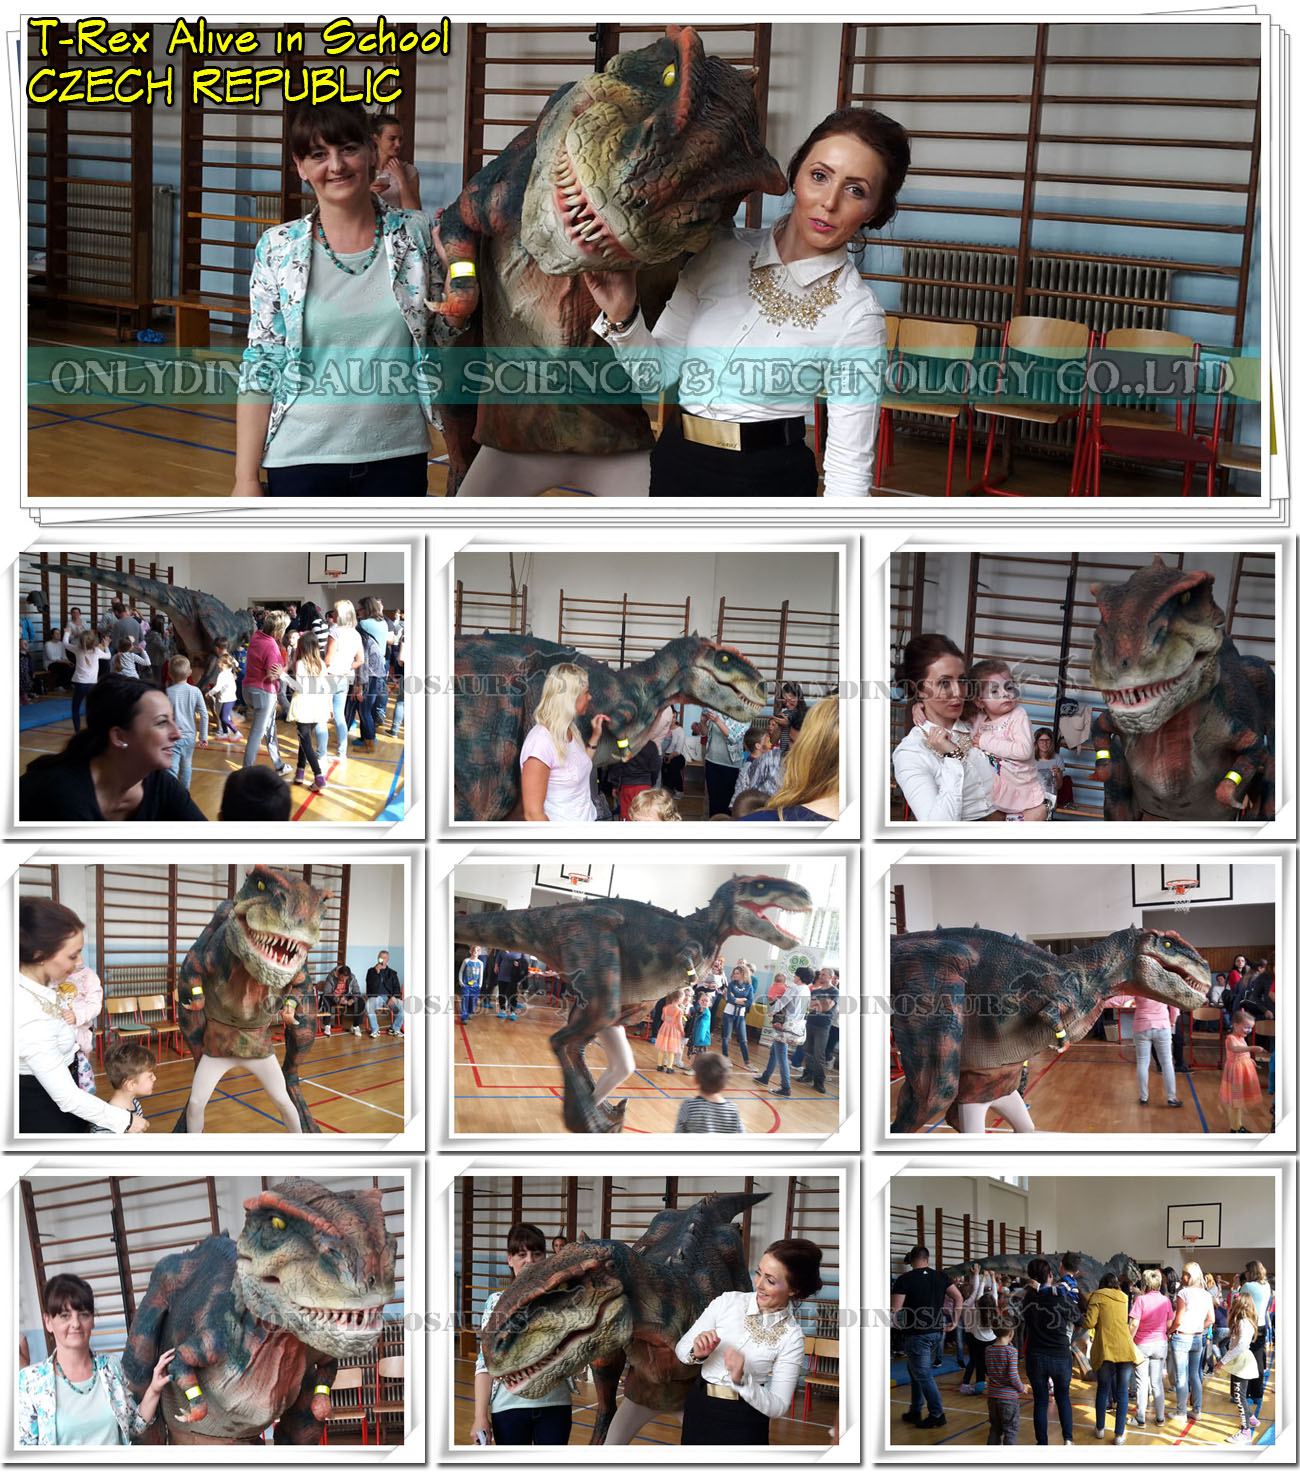 T-Rex Alive in School